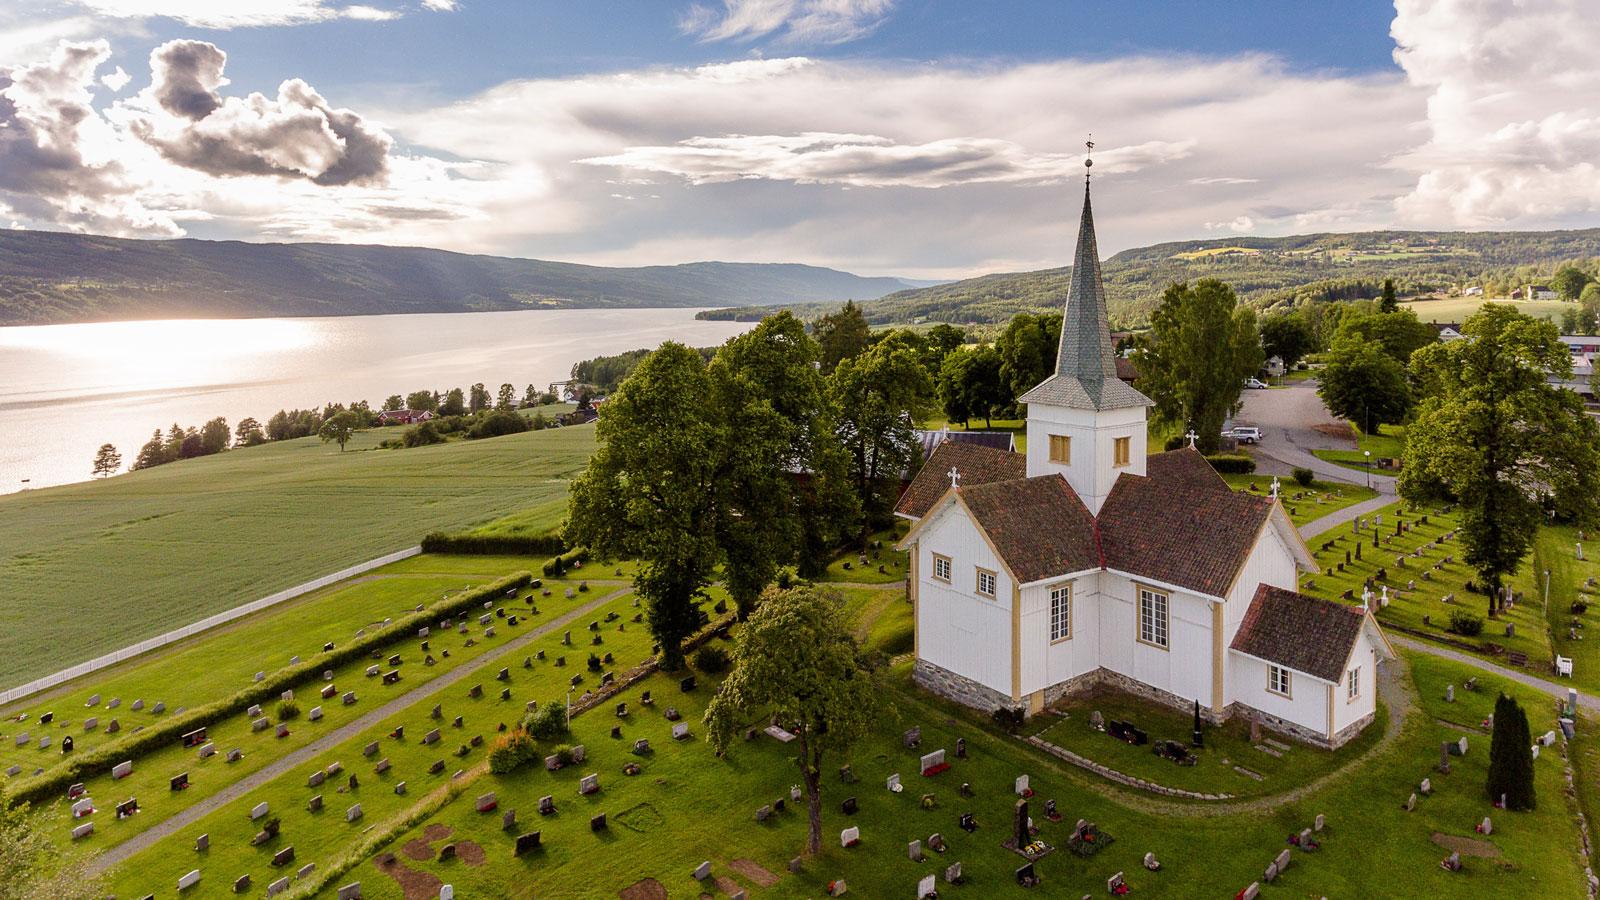 Hov kirke